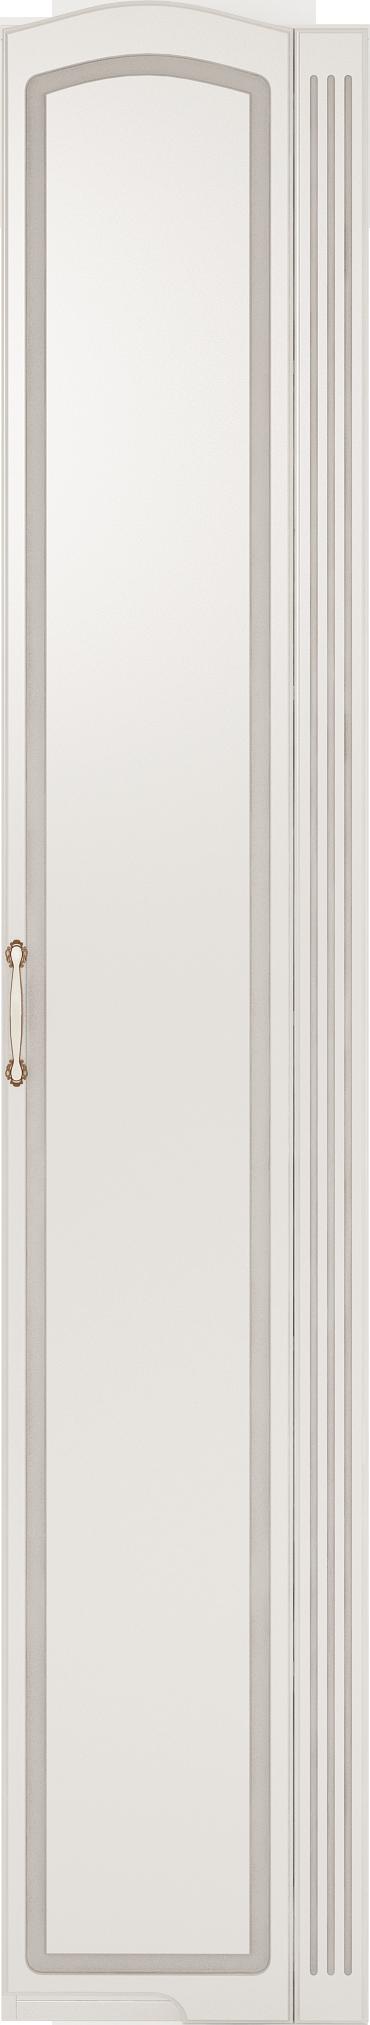 Гостиная Виктория (комплект 3) - фото 32 Шкаф-пенал правый Виктория